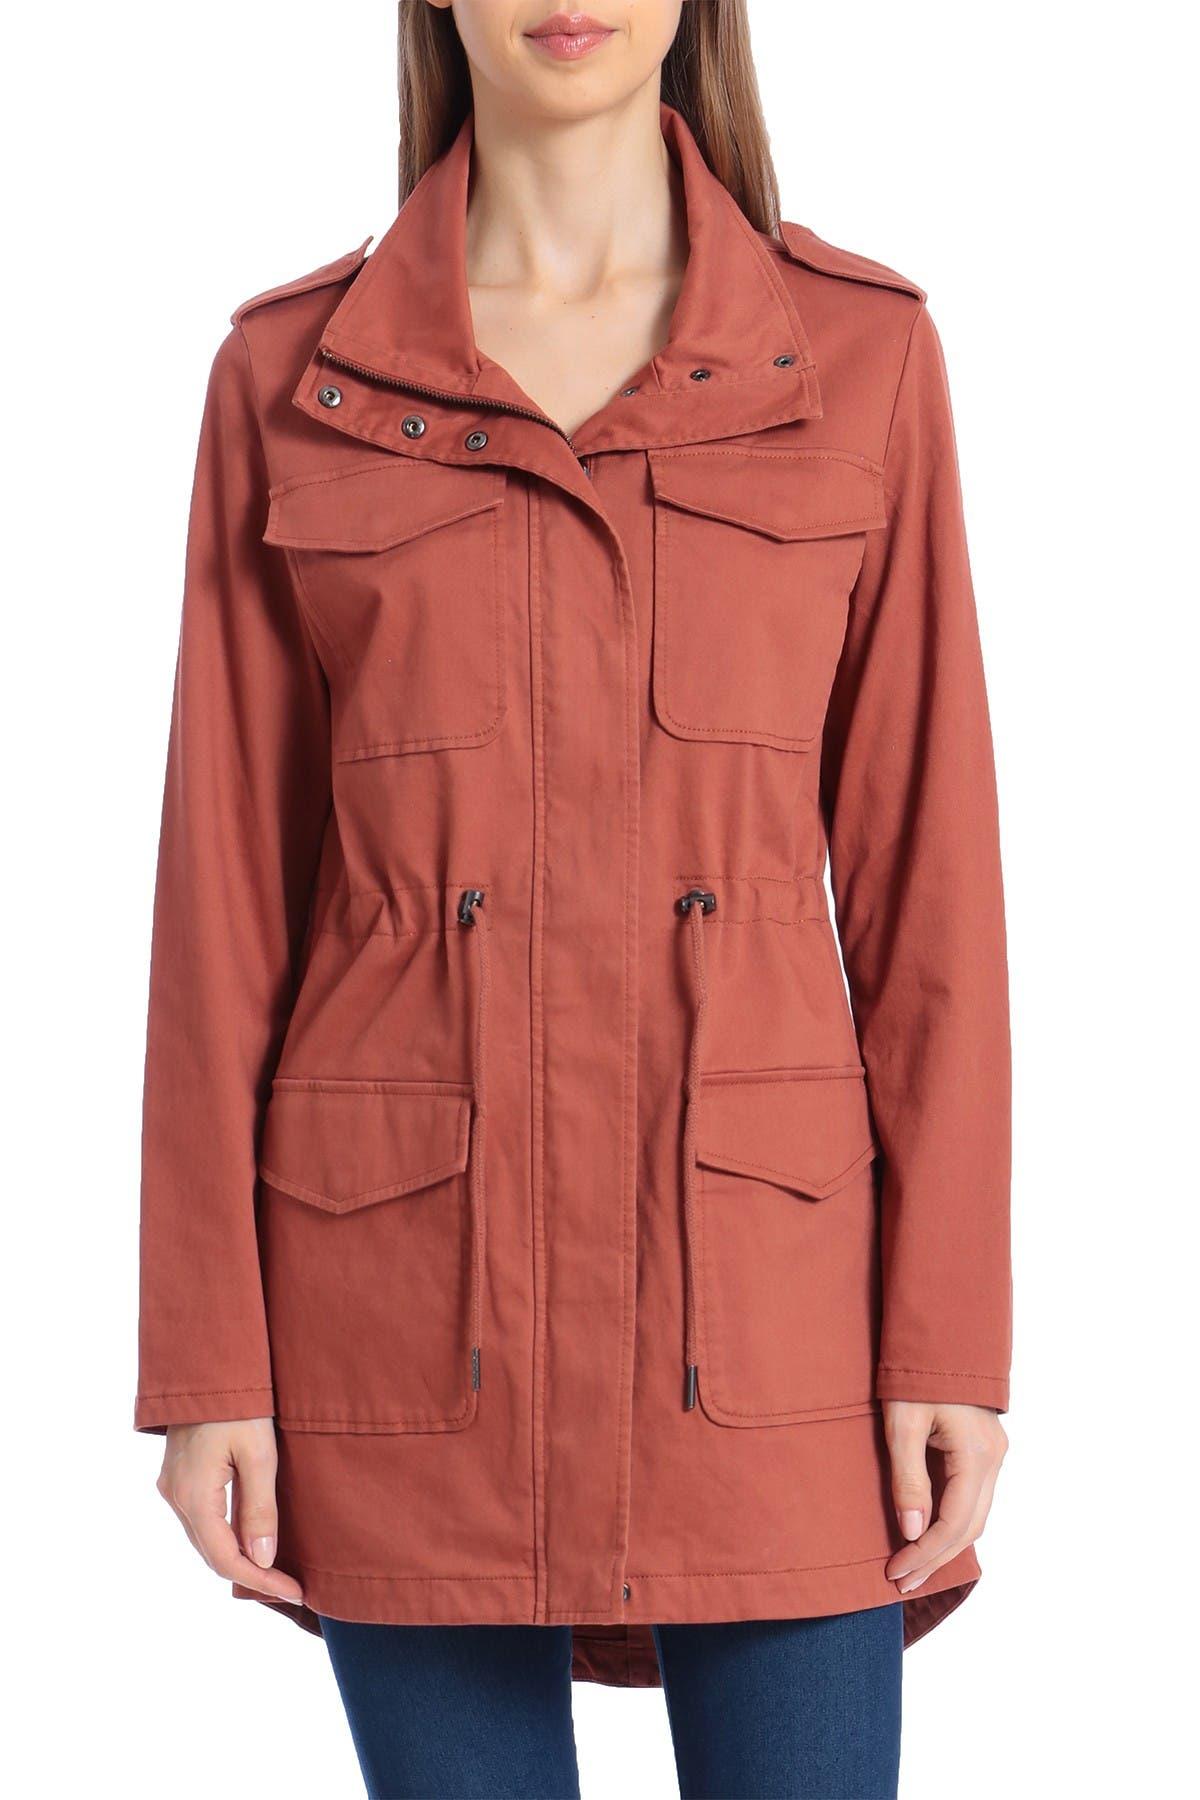 Image of Bagatelle Anorak Jacket